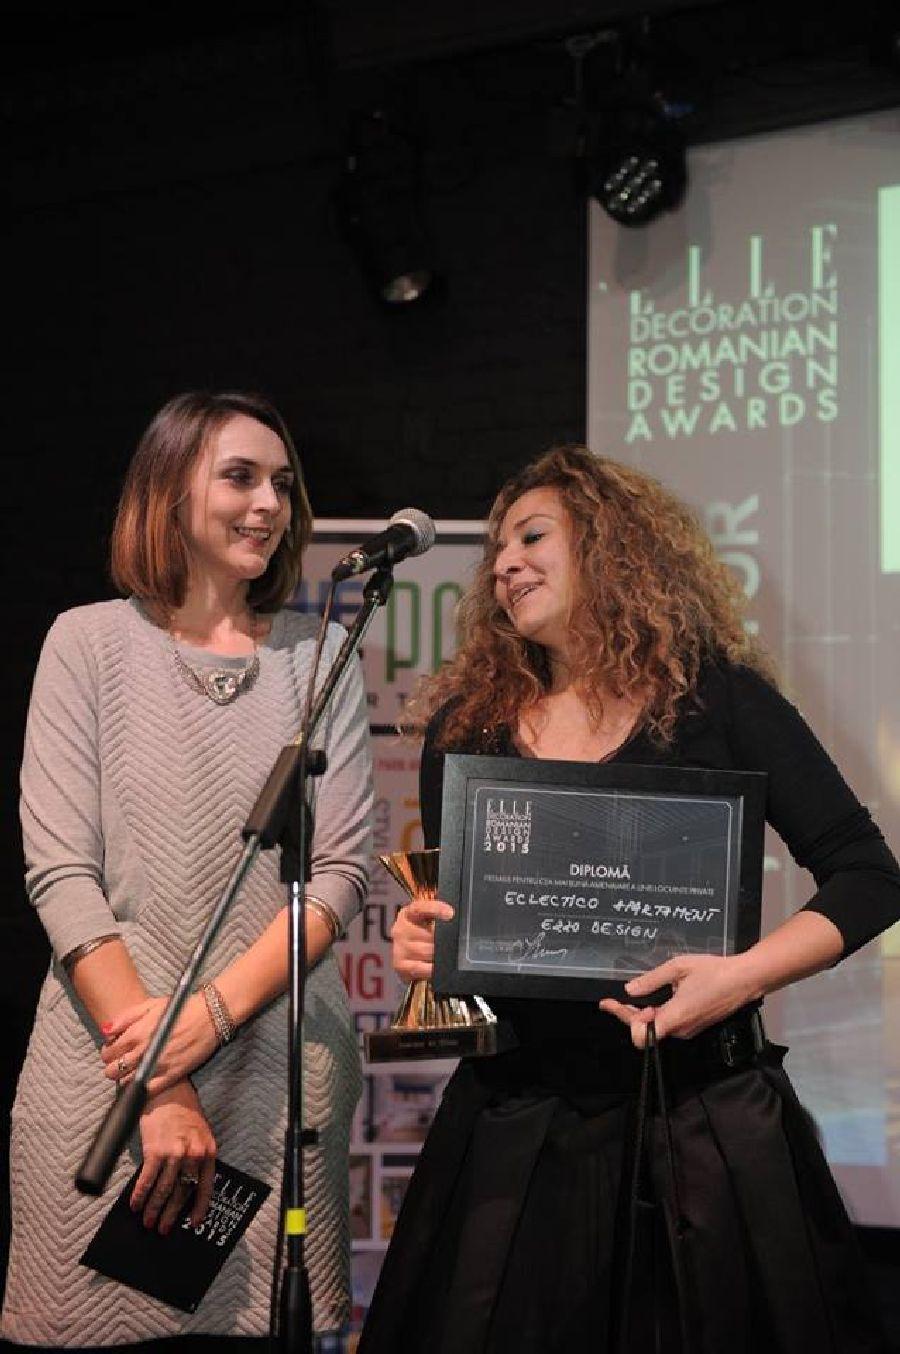 adelaparvu.com despre premiile Elle Decoration 2015, Adela Parvu inmanarea premiului pentru cea mai buna amenajare a unei locuinte